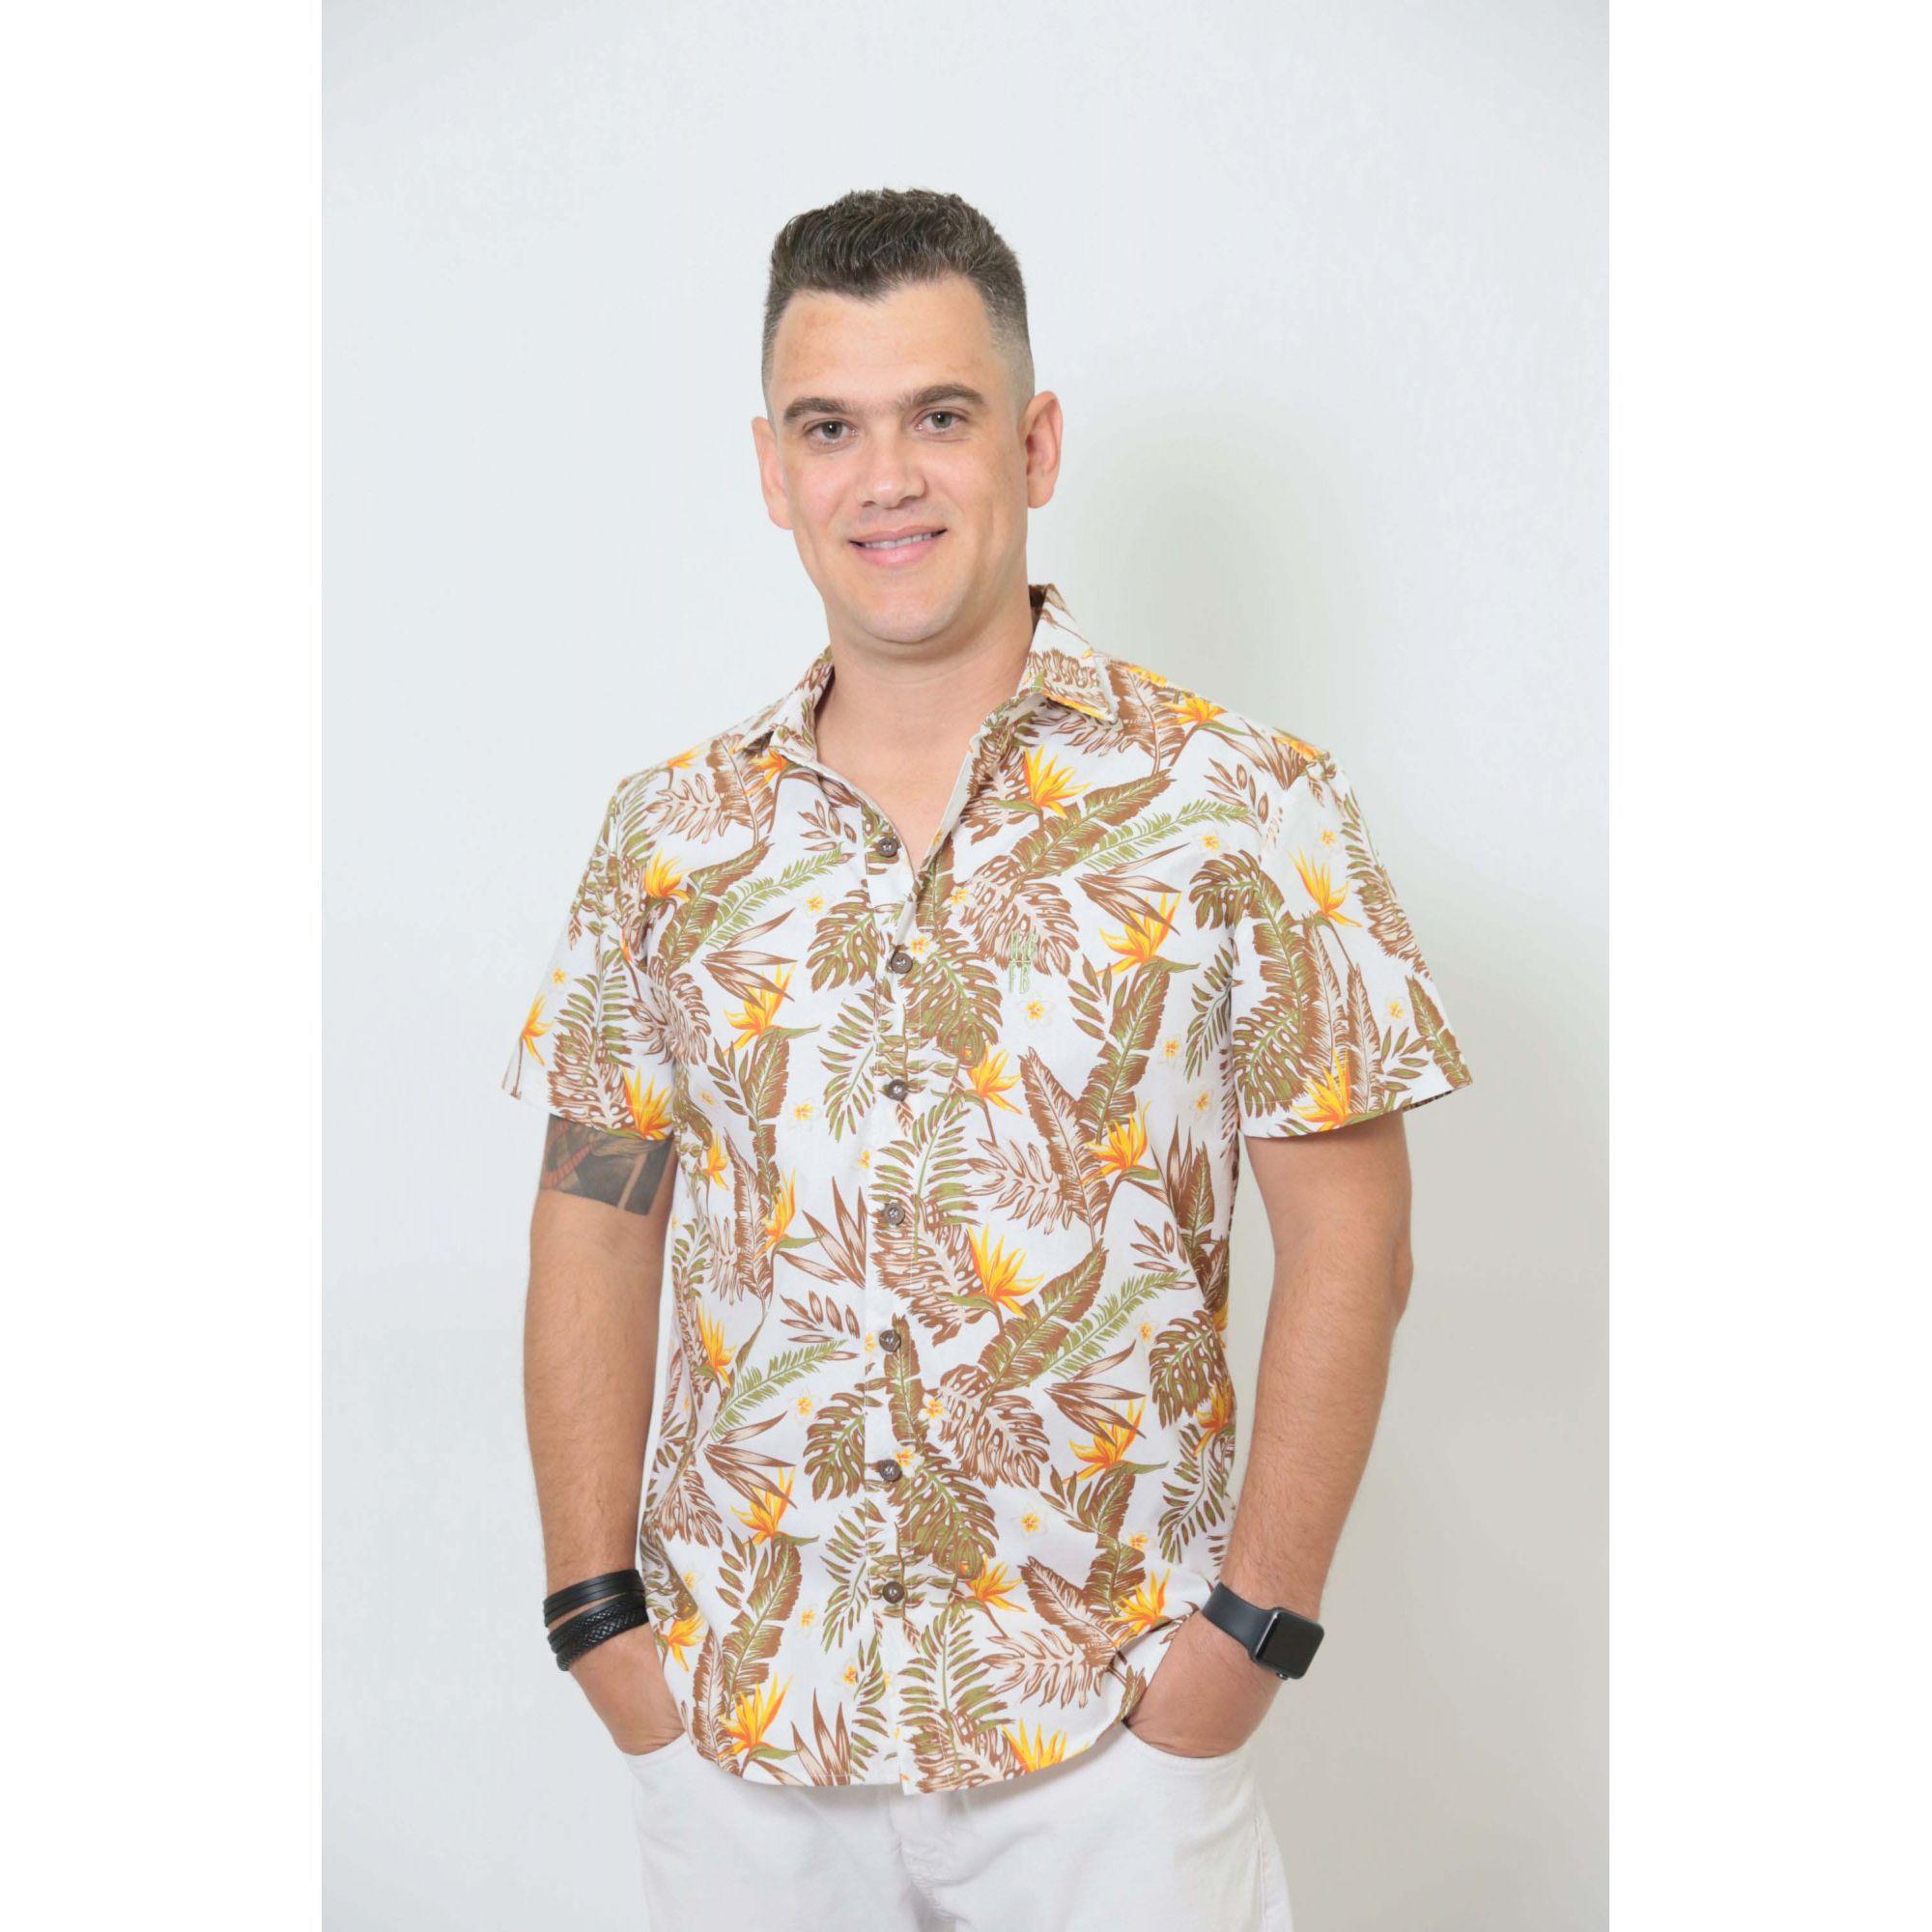 PAIS E FILHAS > Kit 3 peças Camisas Social Amazonas [Coleção Família]  - Heitor Fashion Brazil